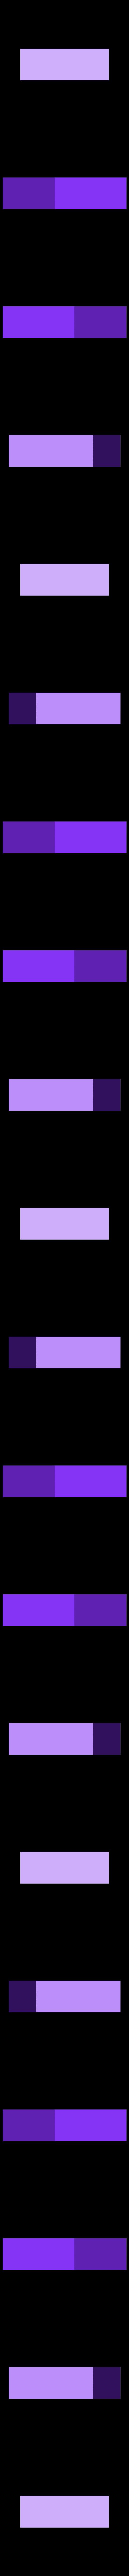 25cm.stl Télécharger fichier STL gratuit Etagère en forme de boîte (25/20/15 cm) • Modèle pour imprimante 3D, EliGreen